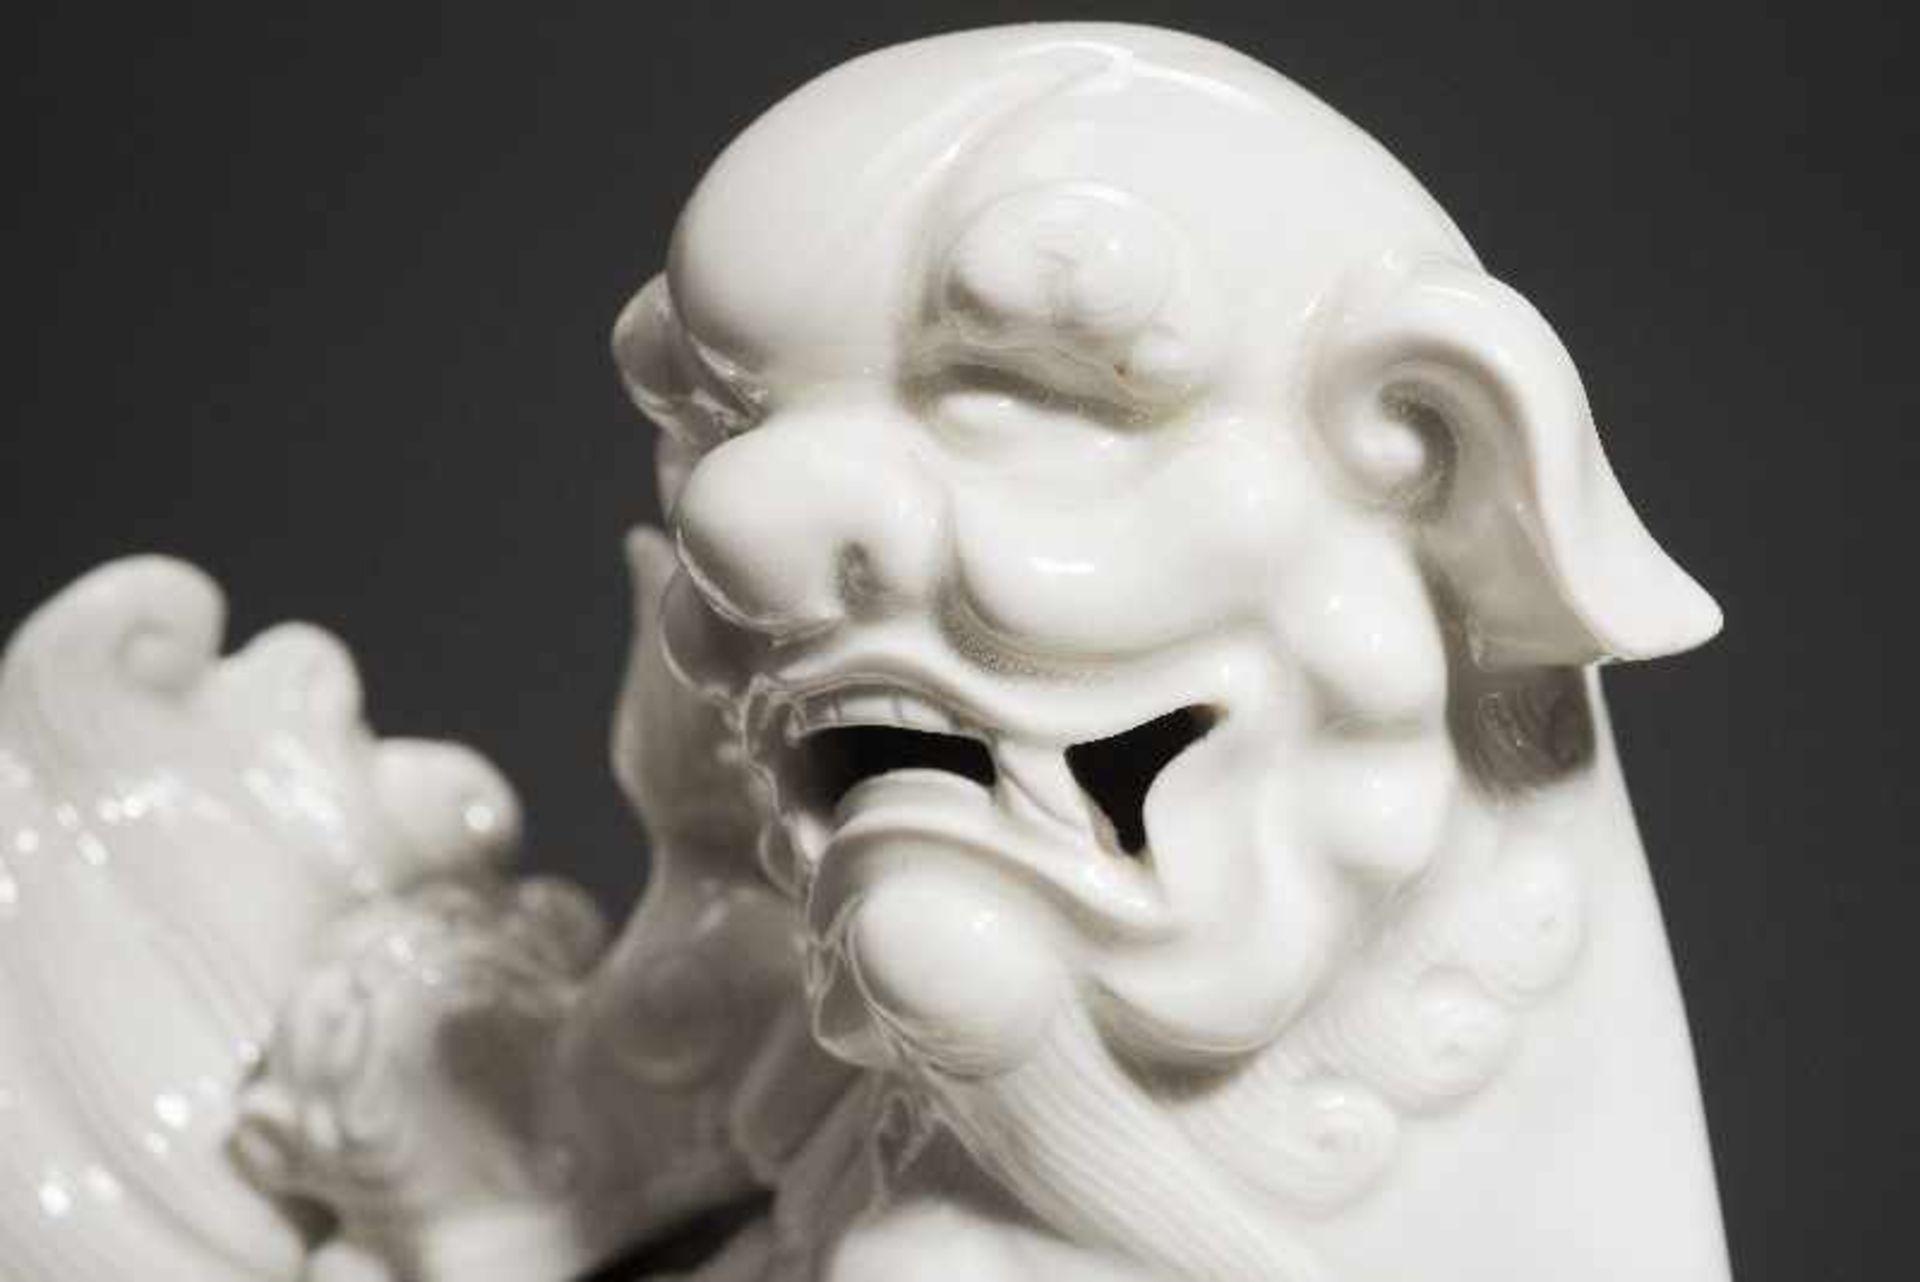 PAAR PALASTLÖWEN AUF SOCKELNBlanc de Chine-Porzellan aus Dehua und Holz. China, Qing 18. Jh. Zwei - Image 2 of 9